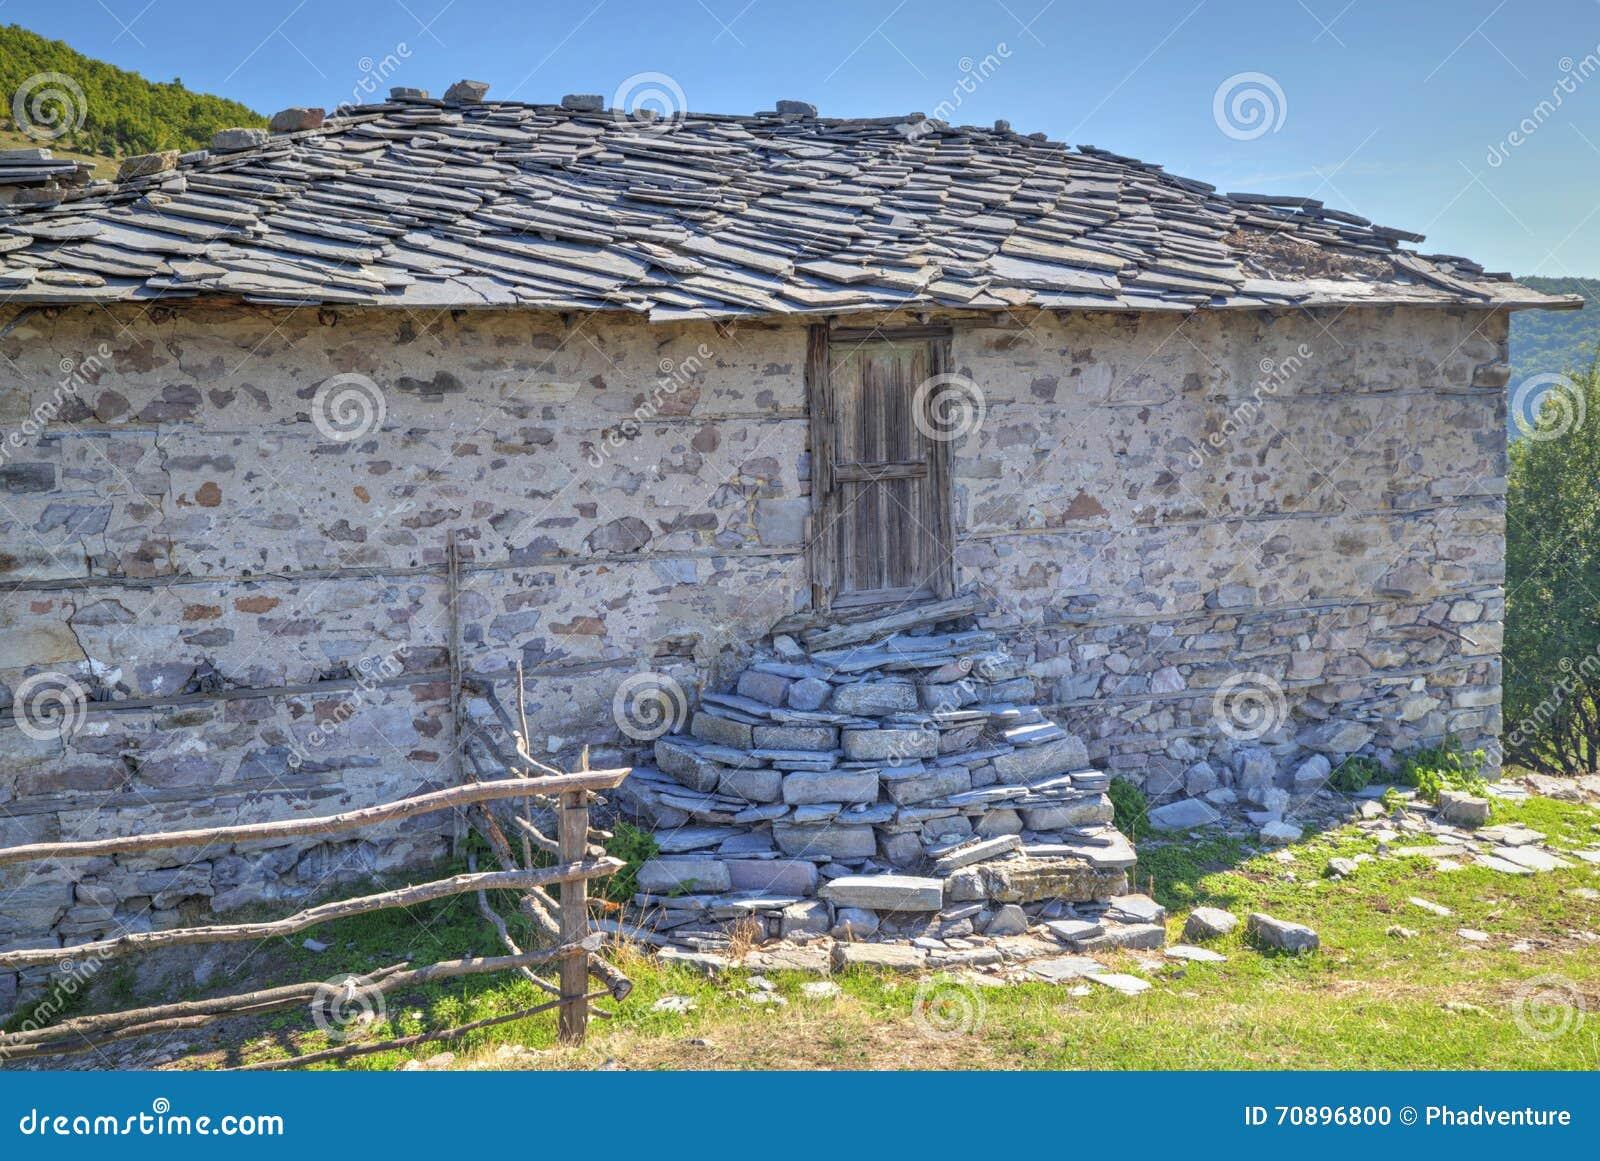 Case Di Montagna In Pietra : Vecchia casa di pietra nella montagna fotografia stock immagine